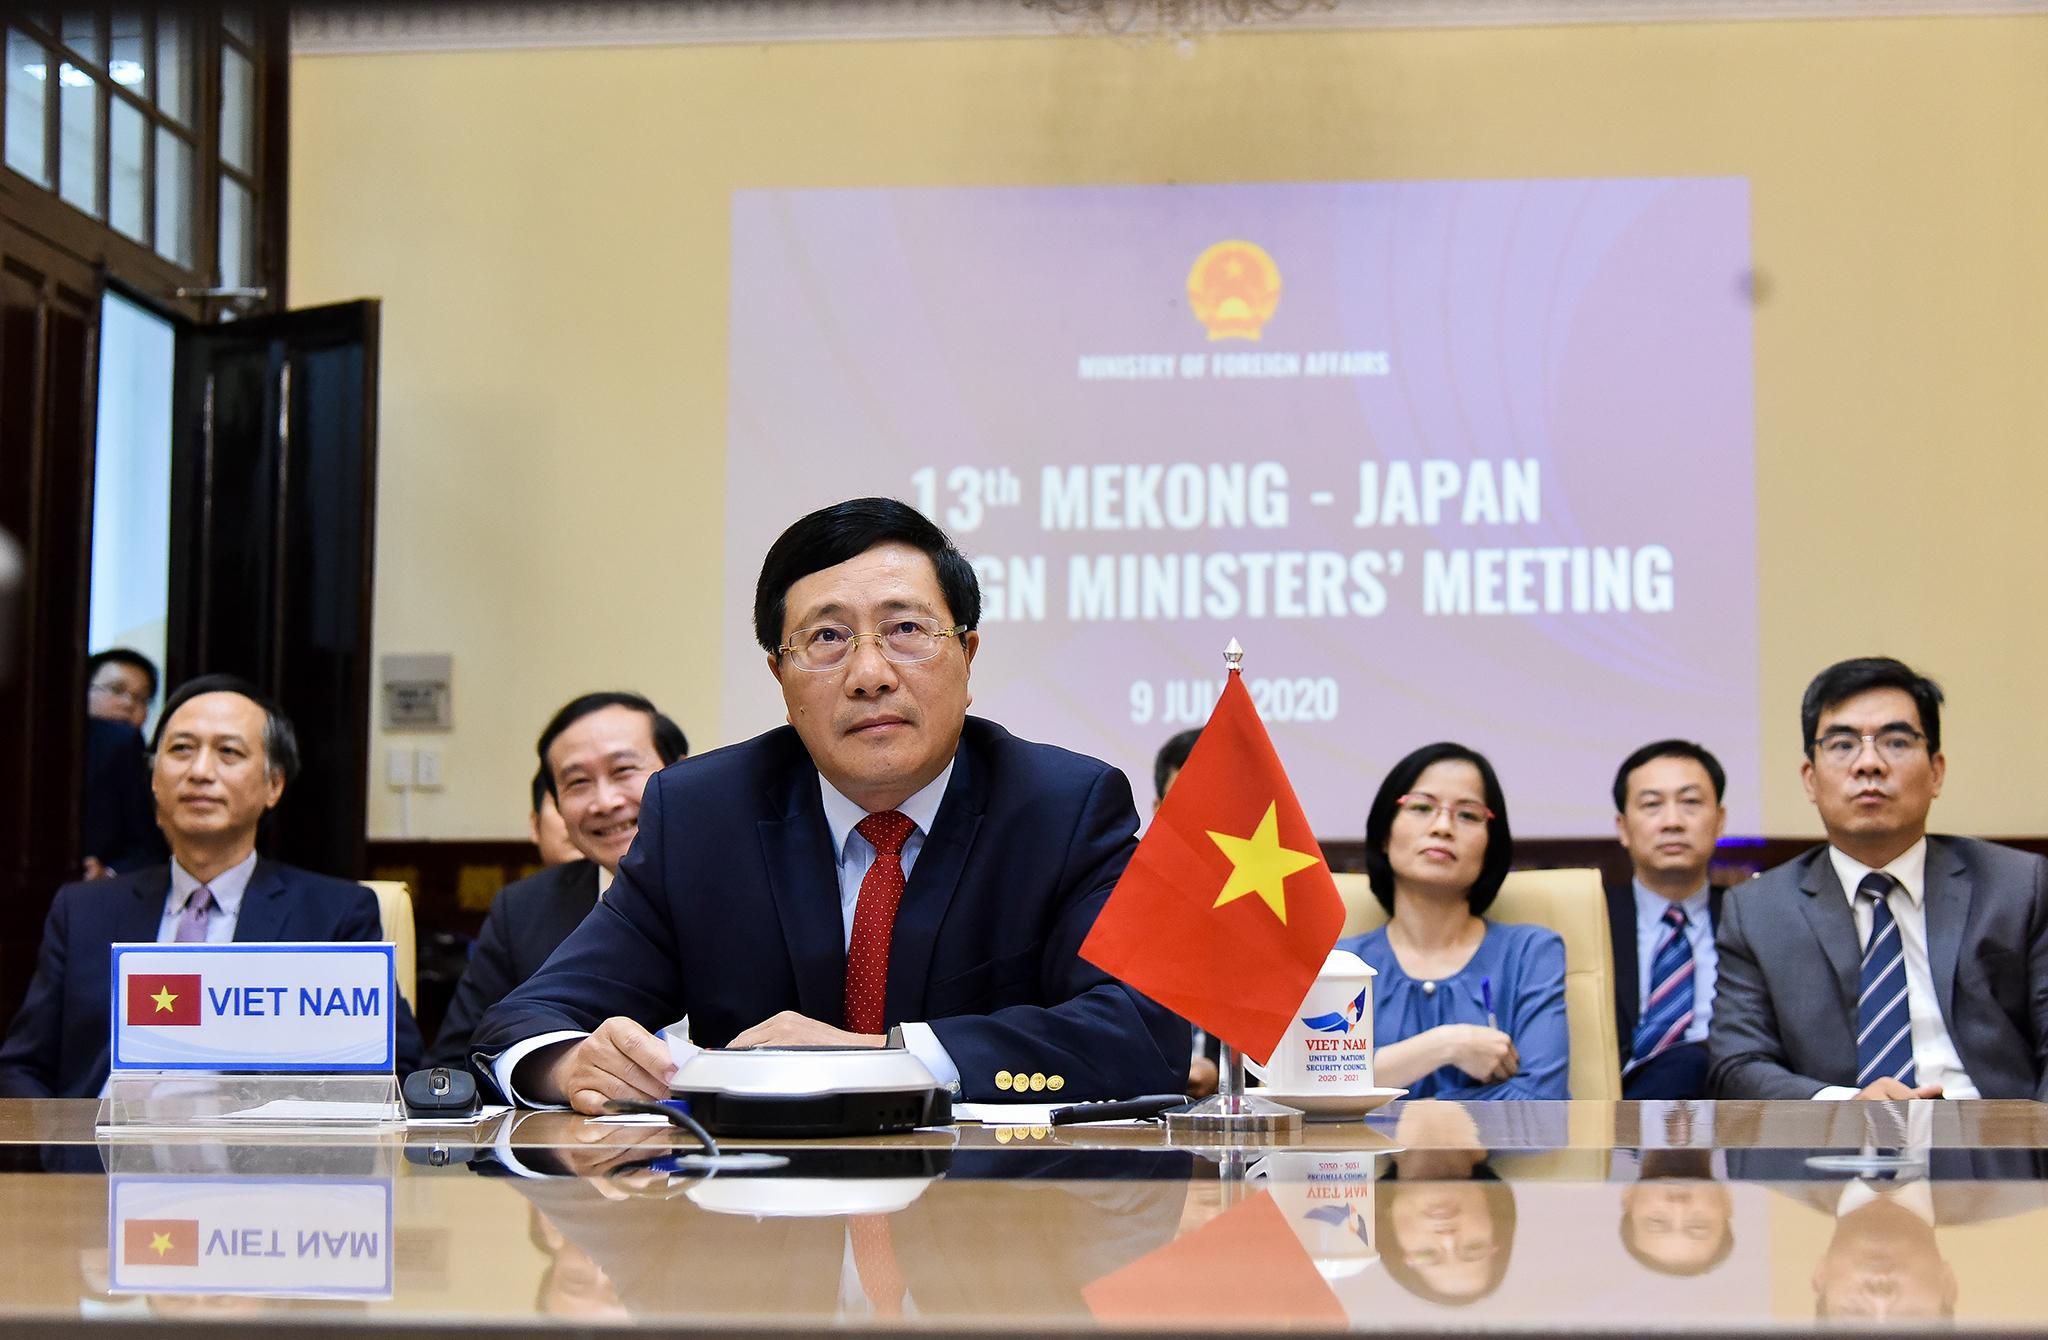 Nhật hỗ trợ Việt Nam cùng 4 nước hơn 100 triệu USD chống Covid-19